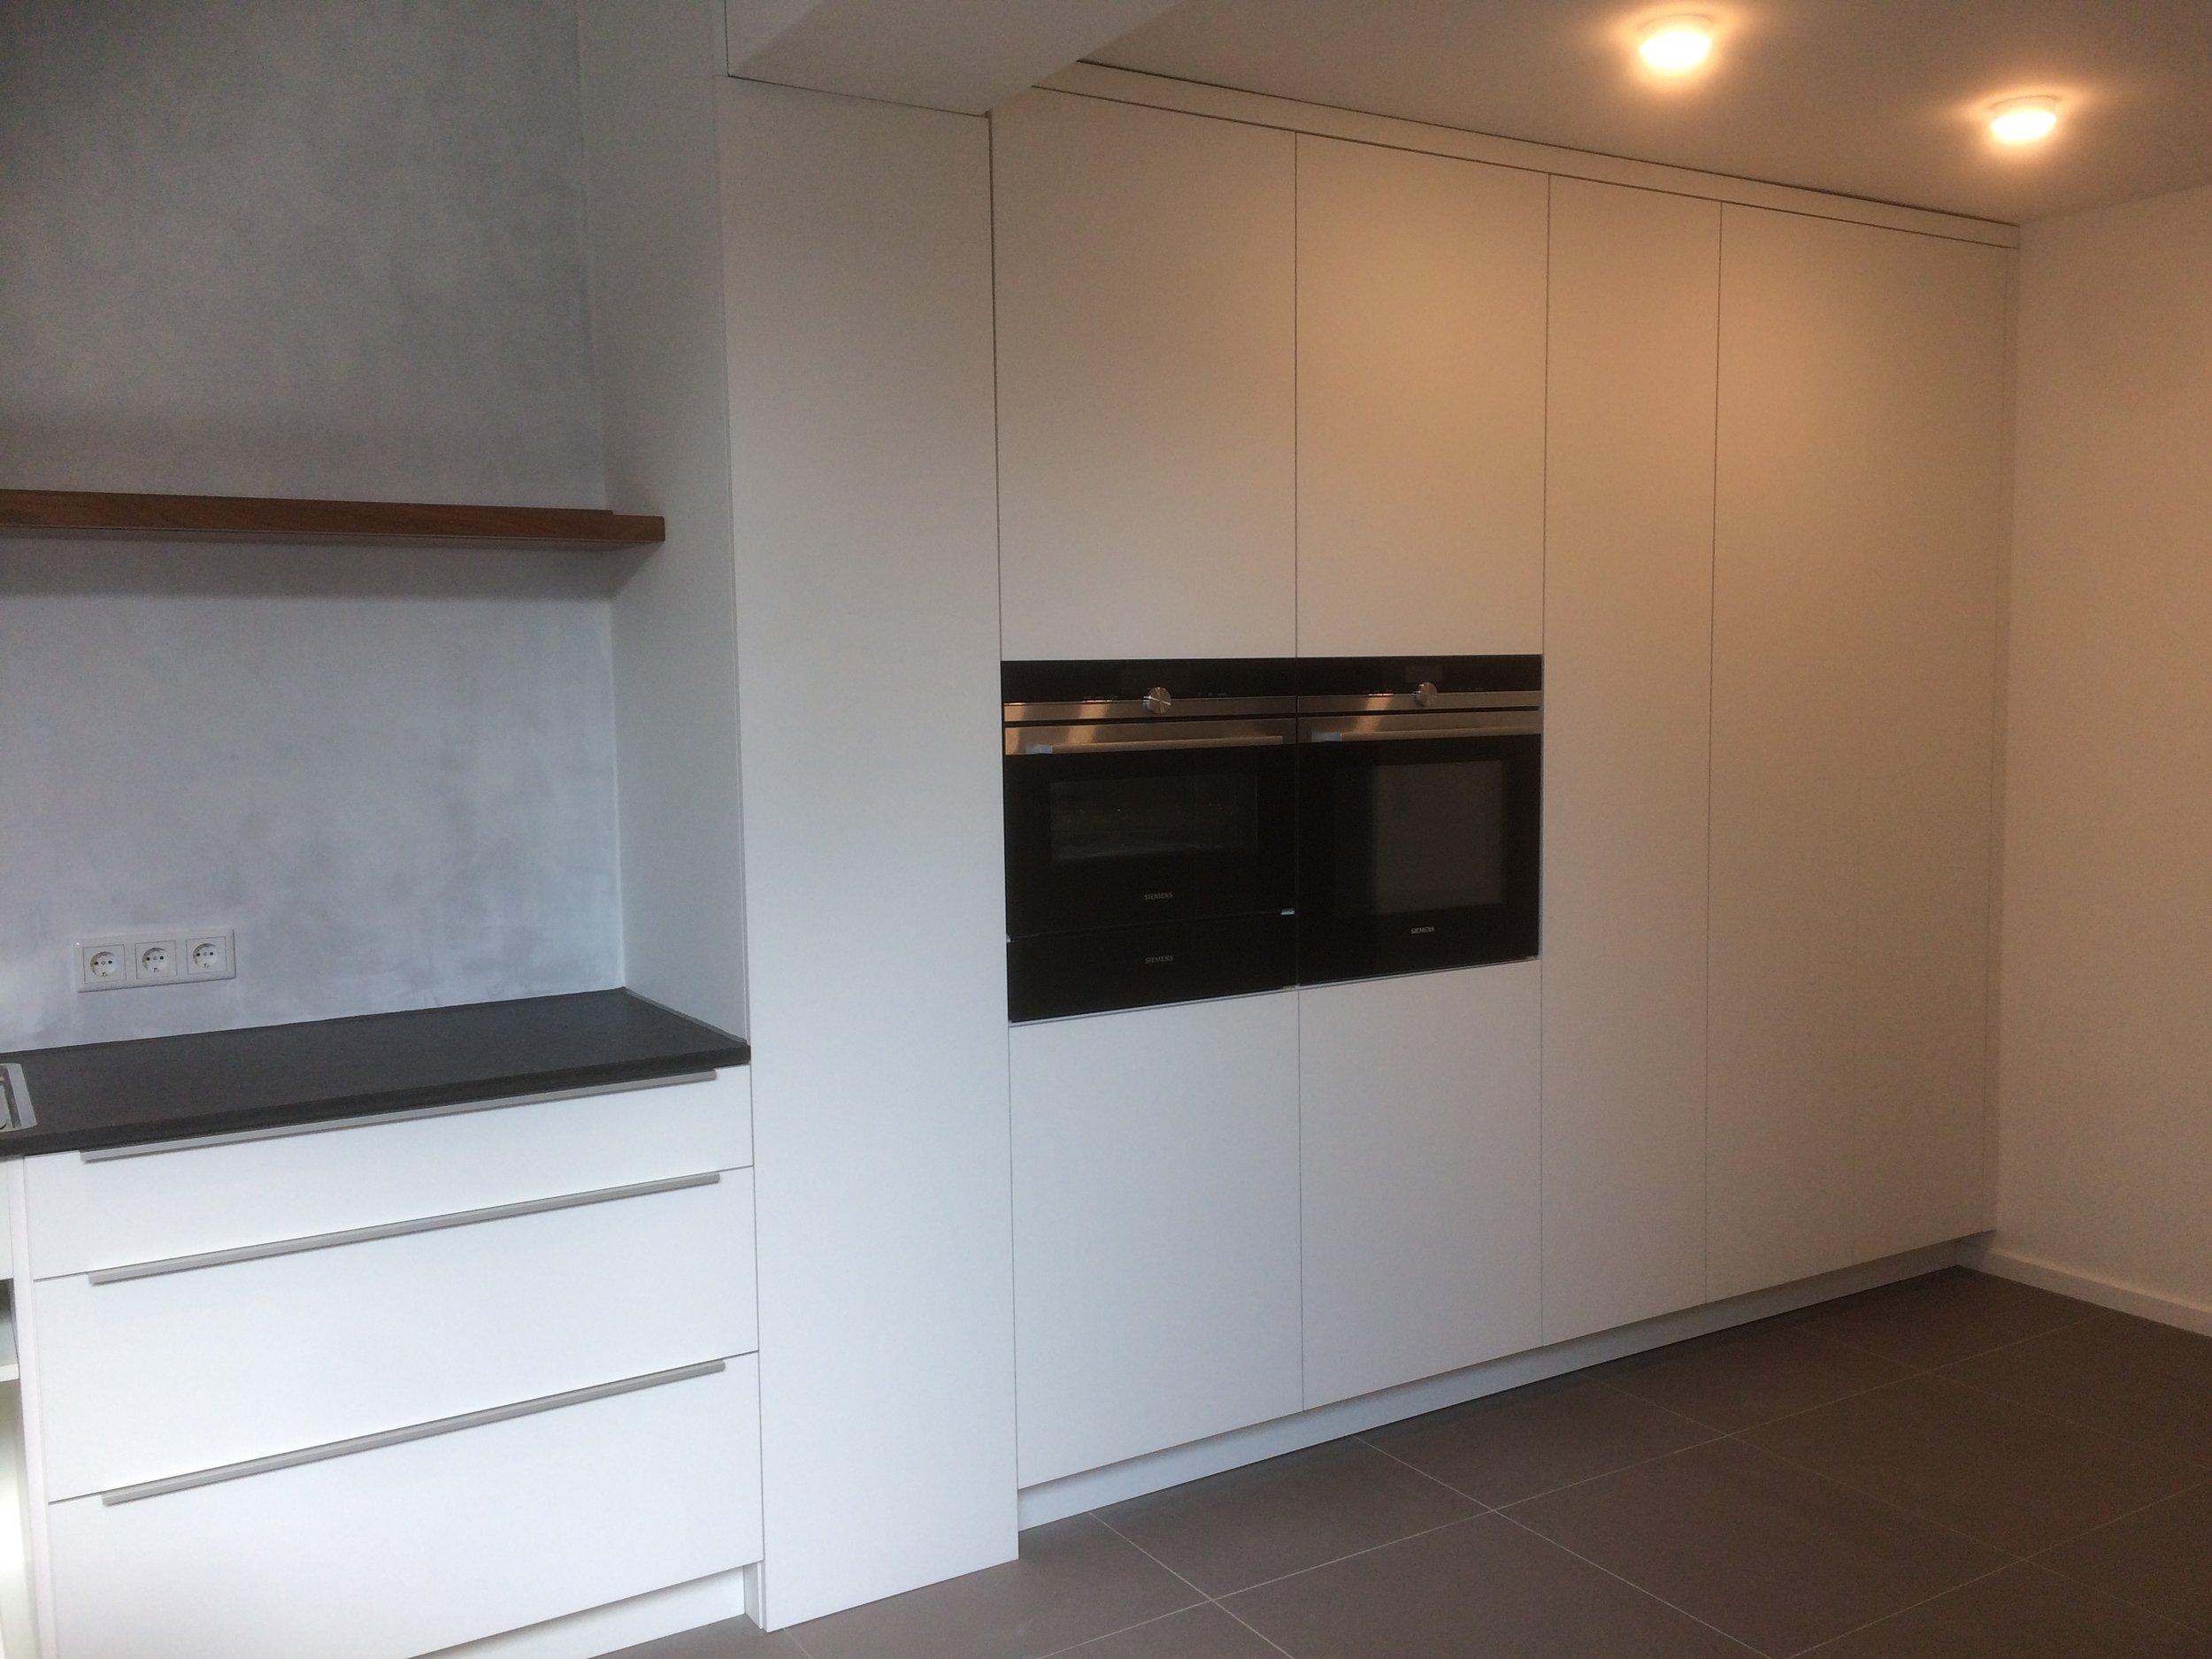 Neuste Küche, direkt im Einzugsgebiet Aachen Brand - Fronten weiß matt Beschichtet, Board aus Rüster/Ulme Stein direkt vom Steinmetz aus Nero Assoluto.